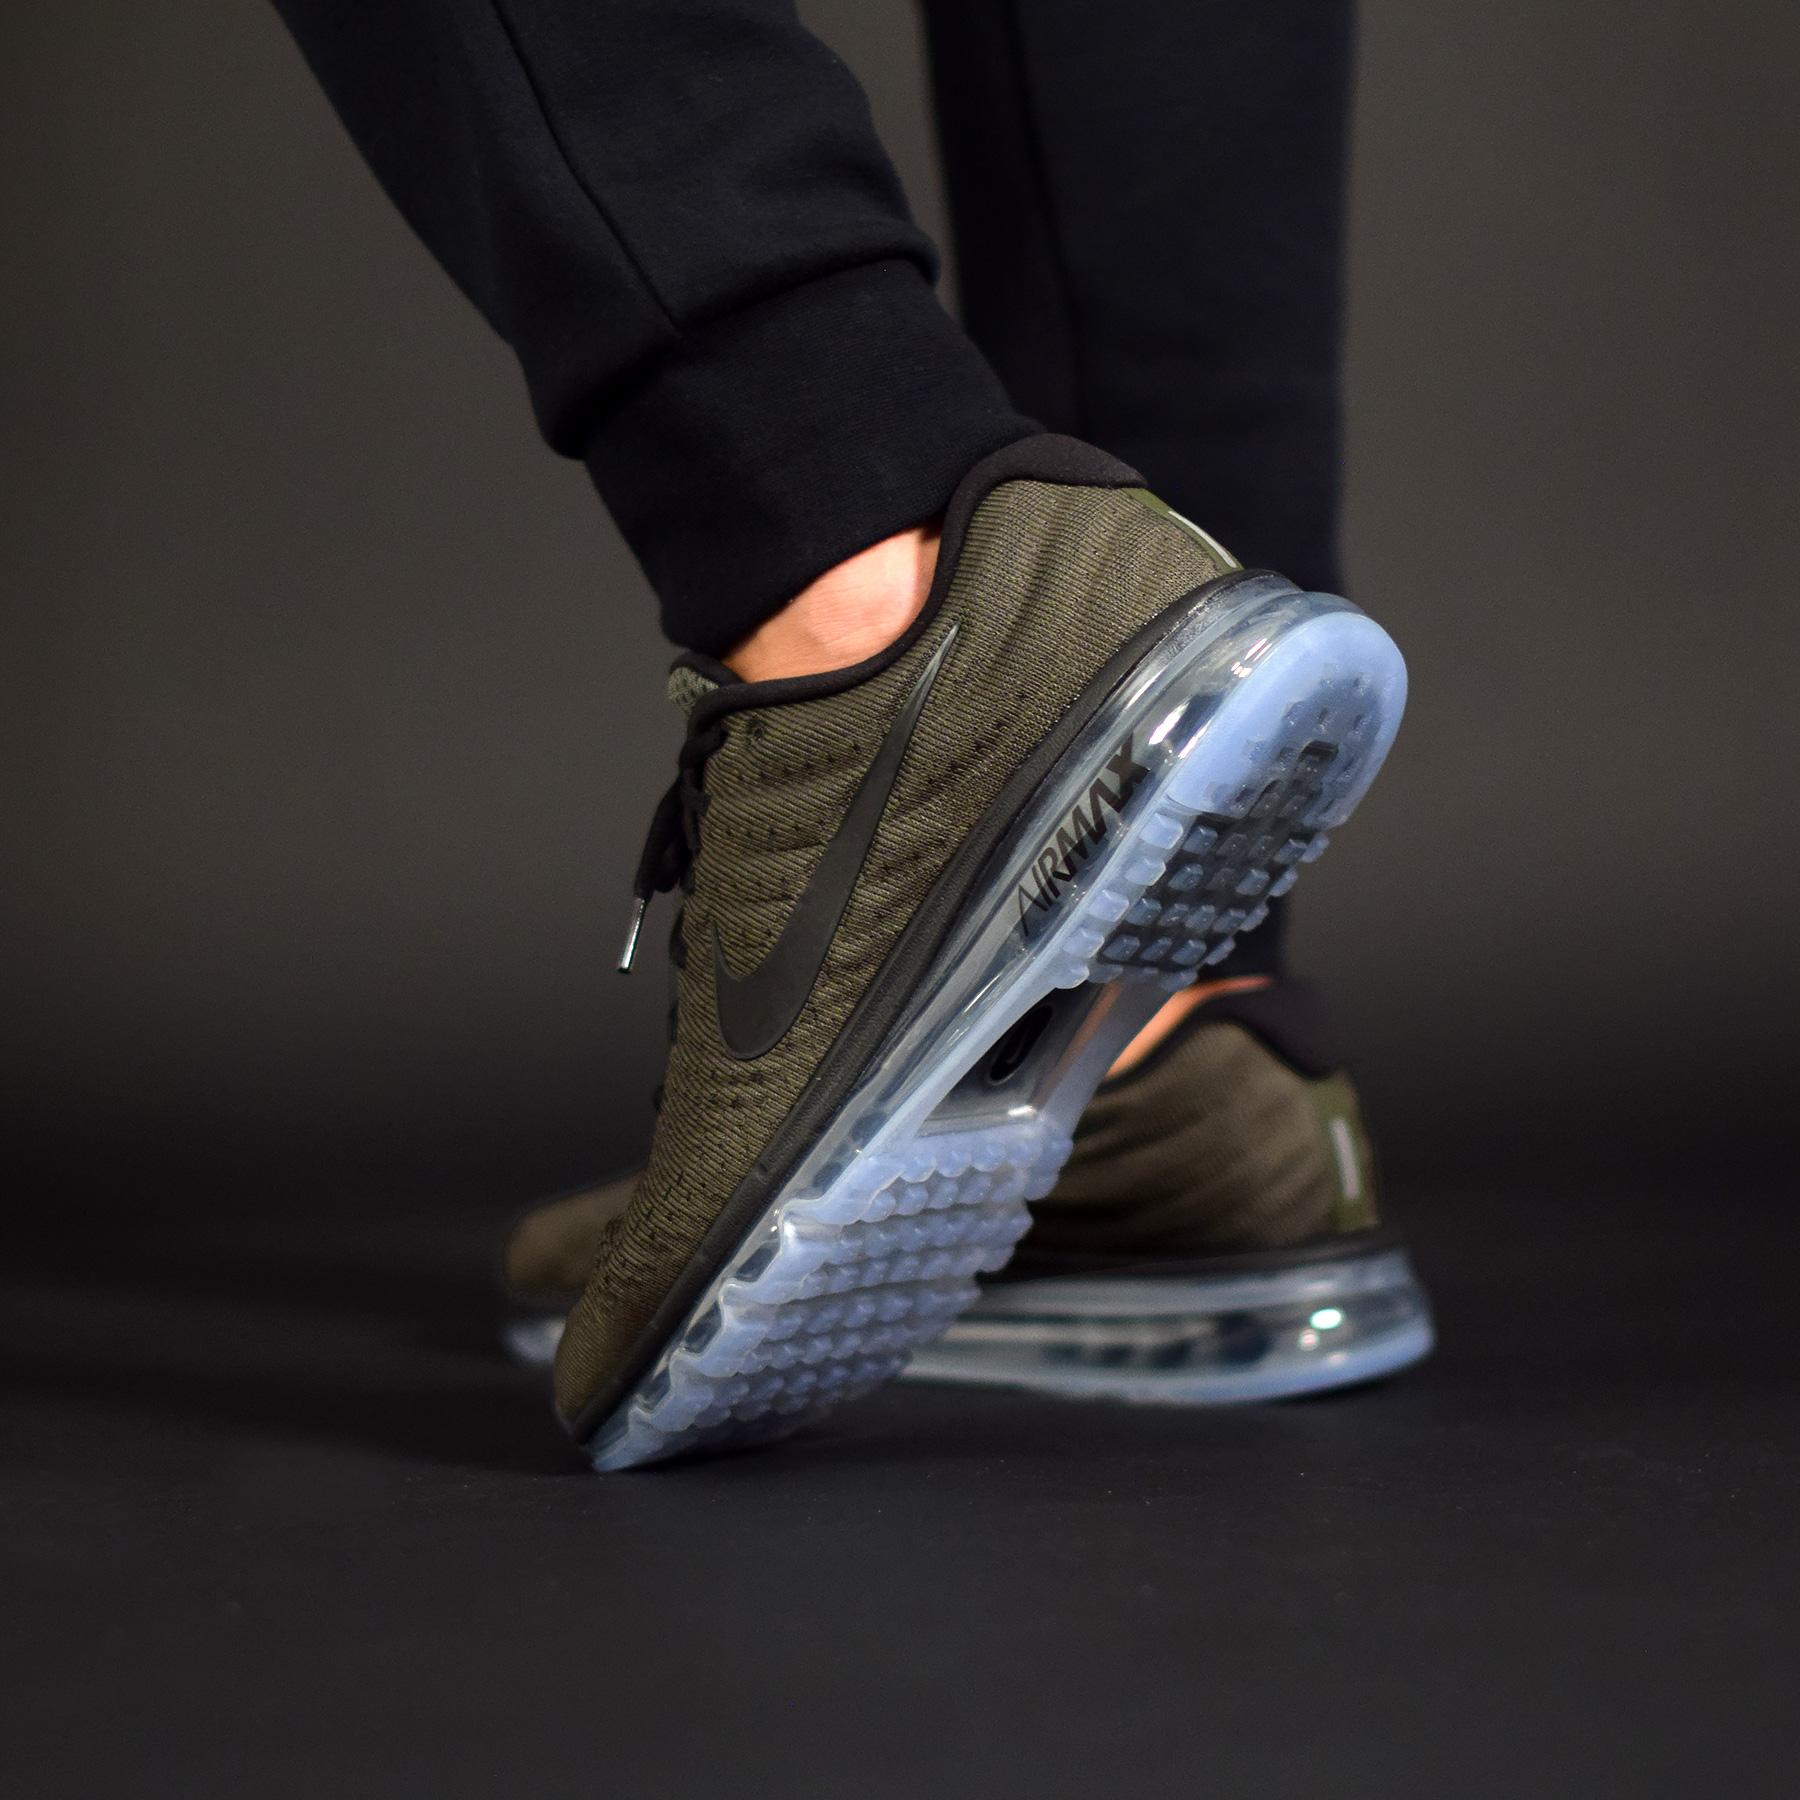 La Nike Air Max 2017 déclinée dans une teinte kaki idéale pour la saison.